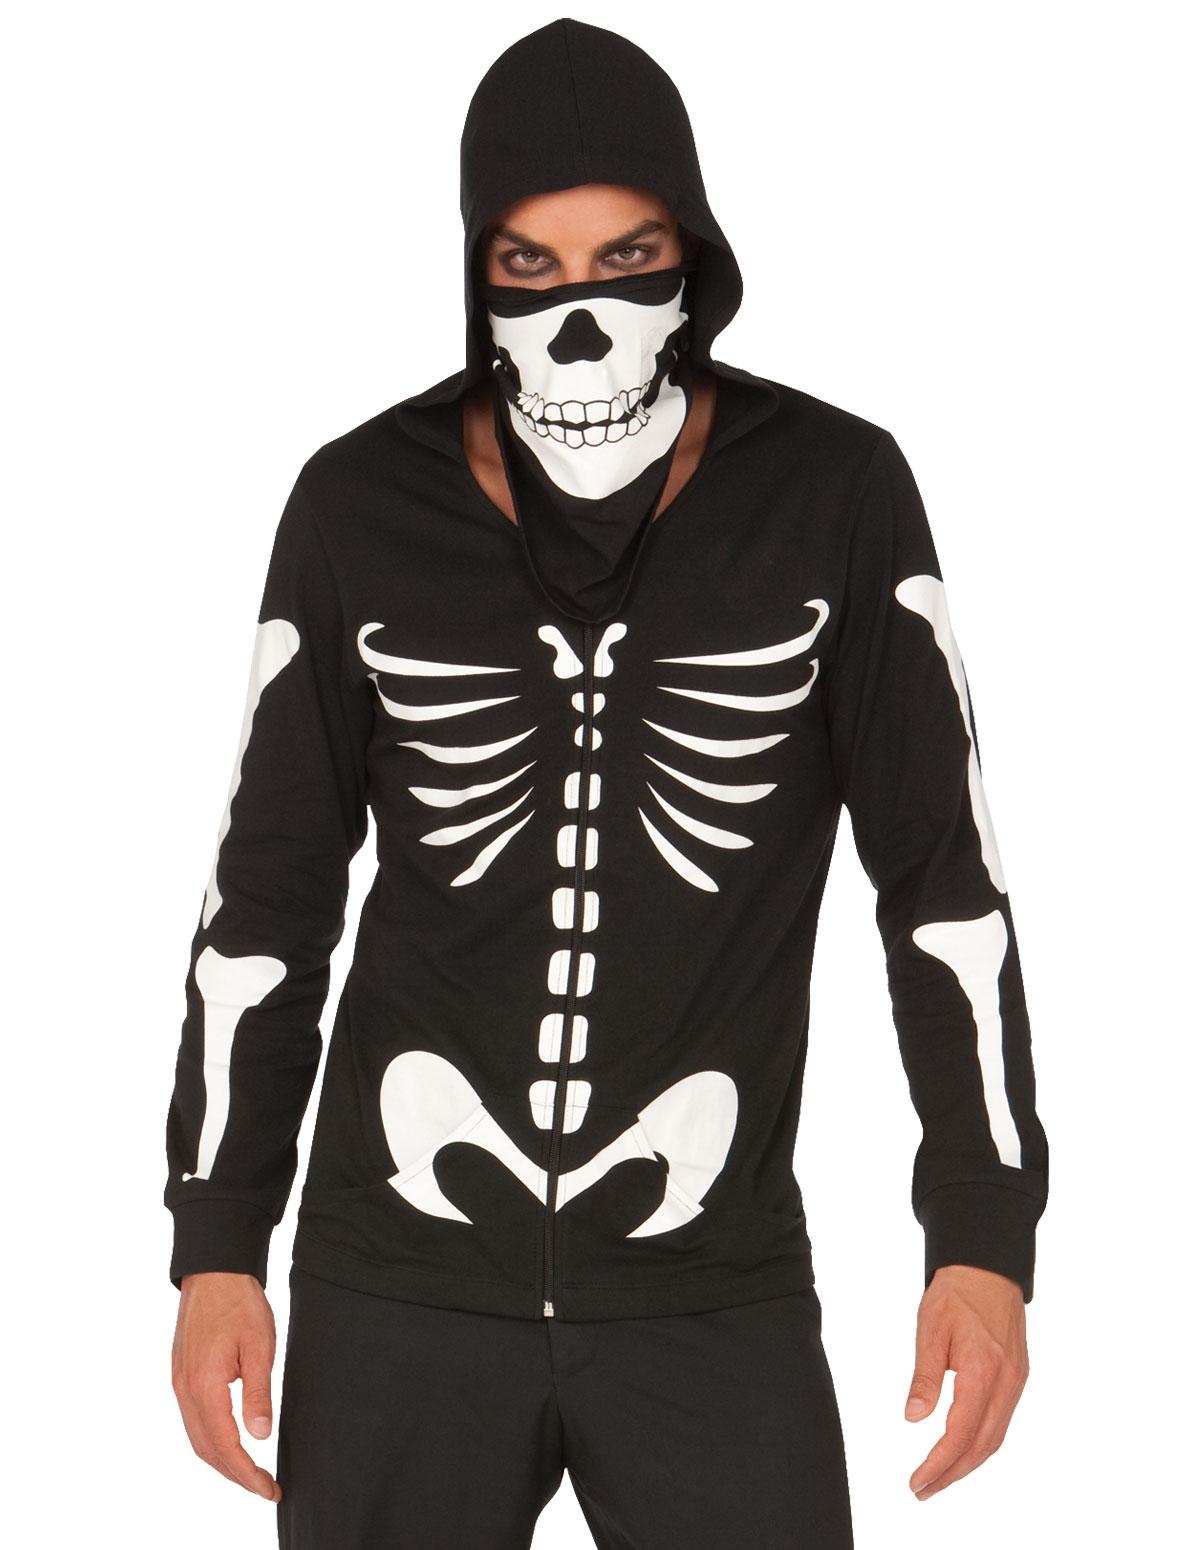 Dustin Bones Costume